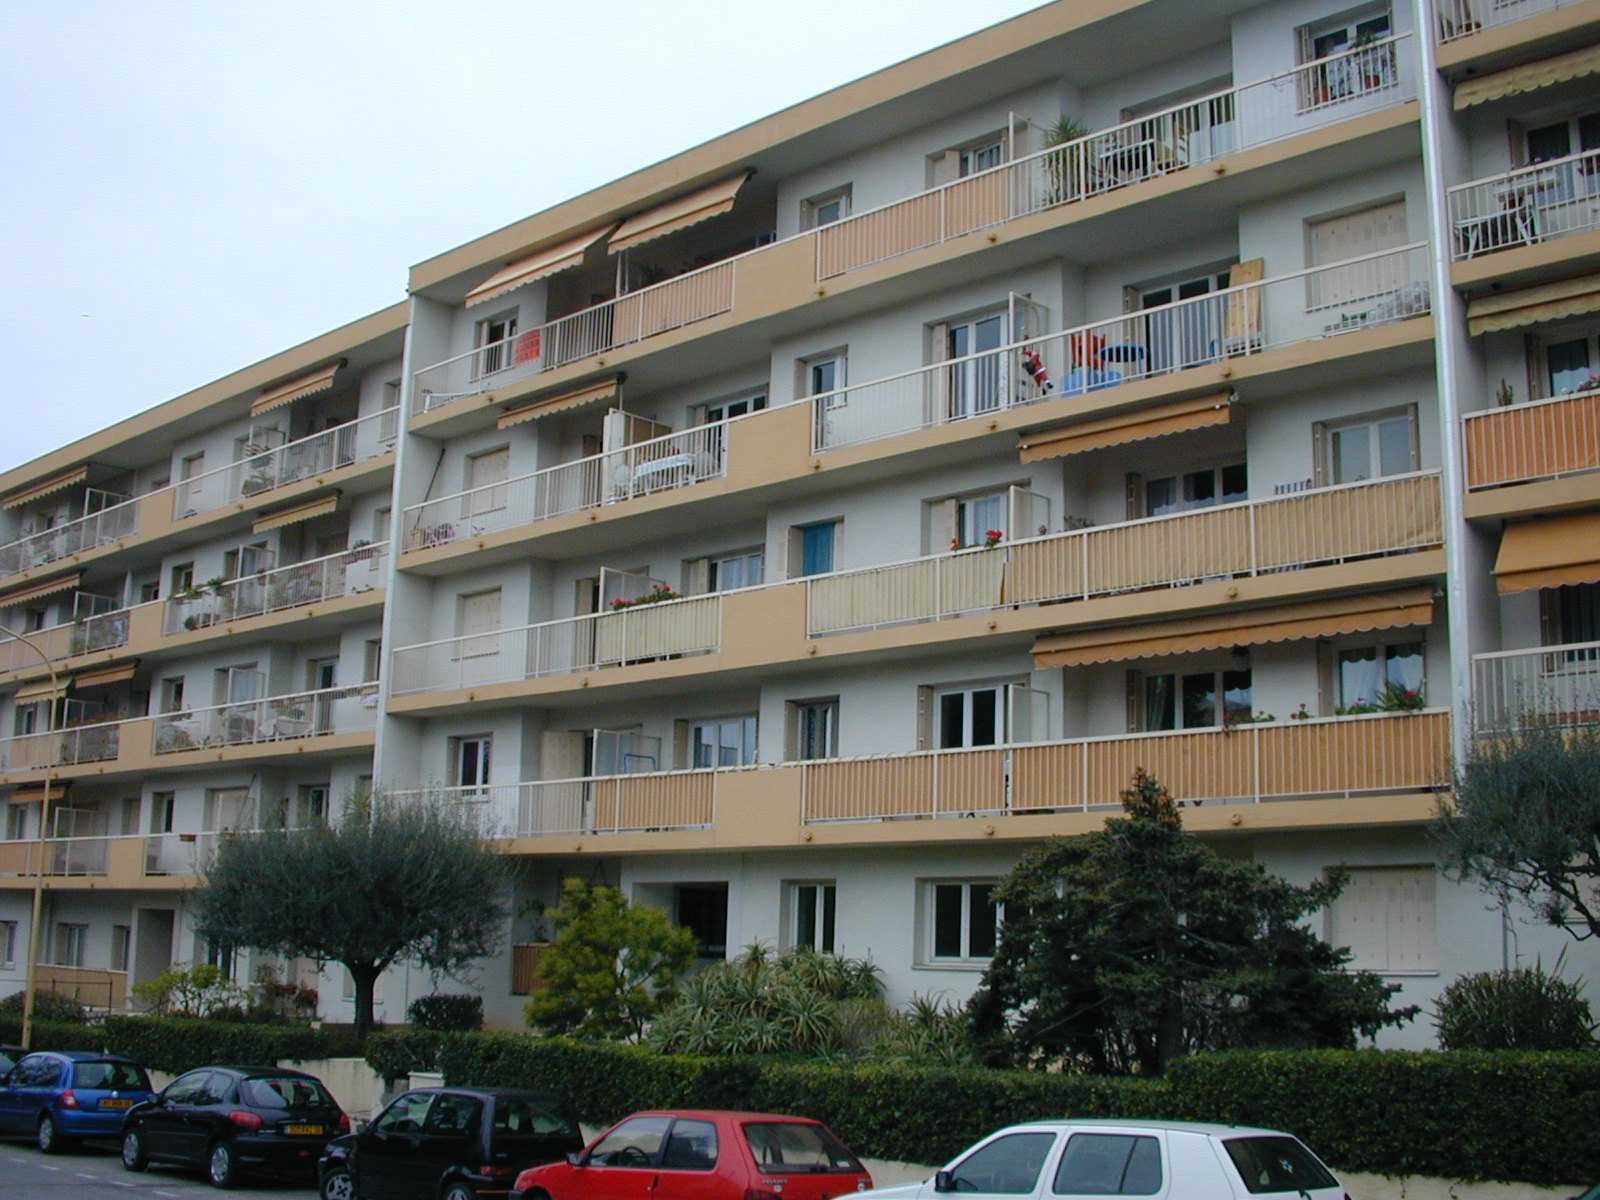 4 Pièces Vide  - 29 Avenue des Tuilières - Cagnes sur Mer